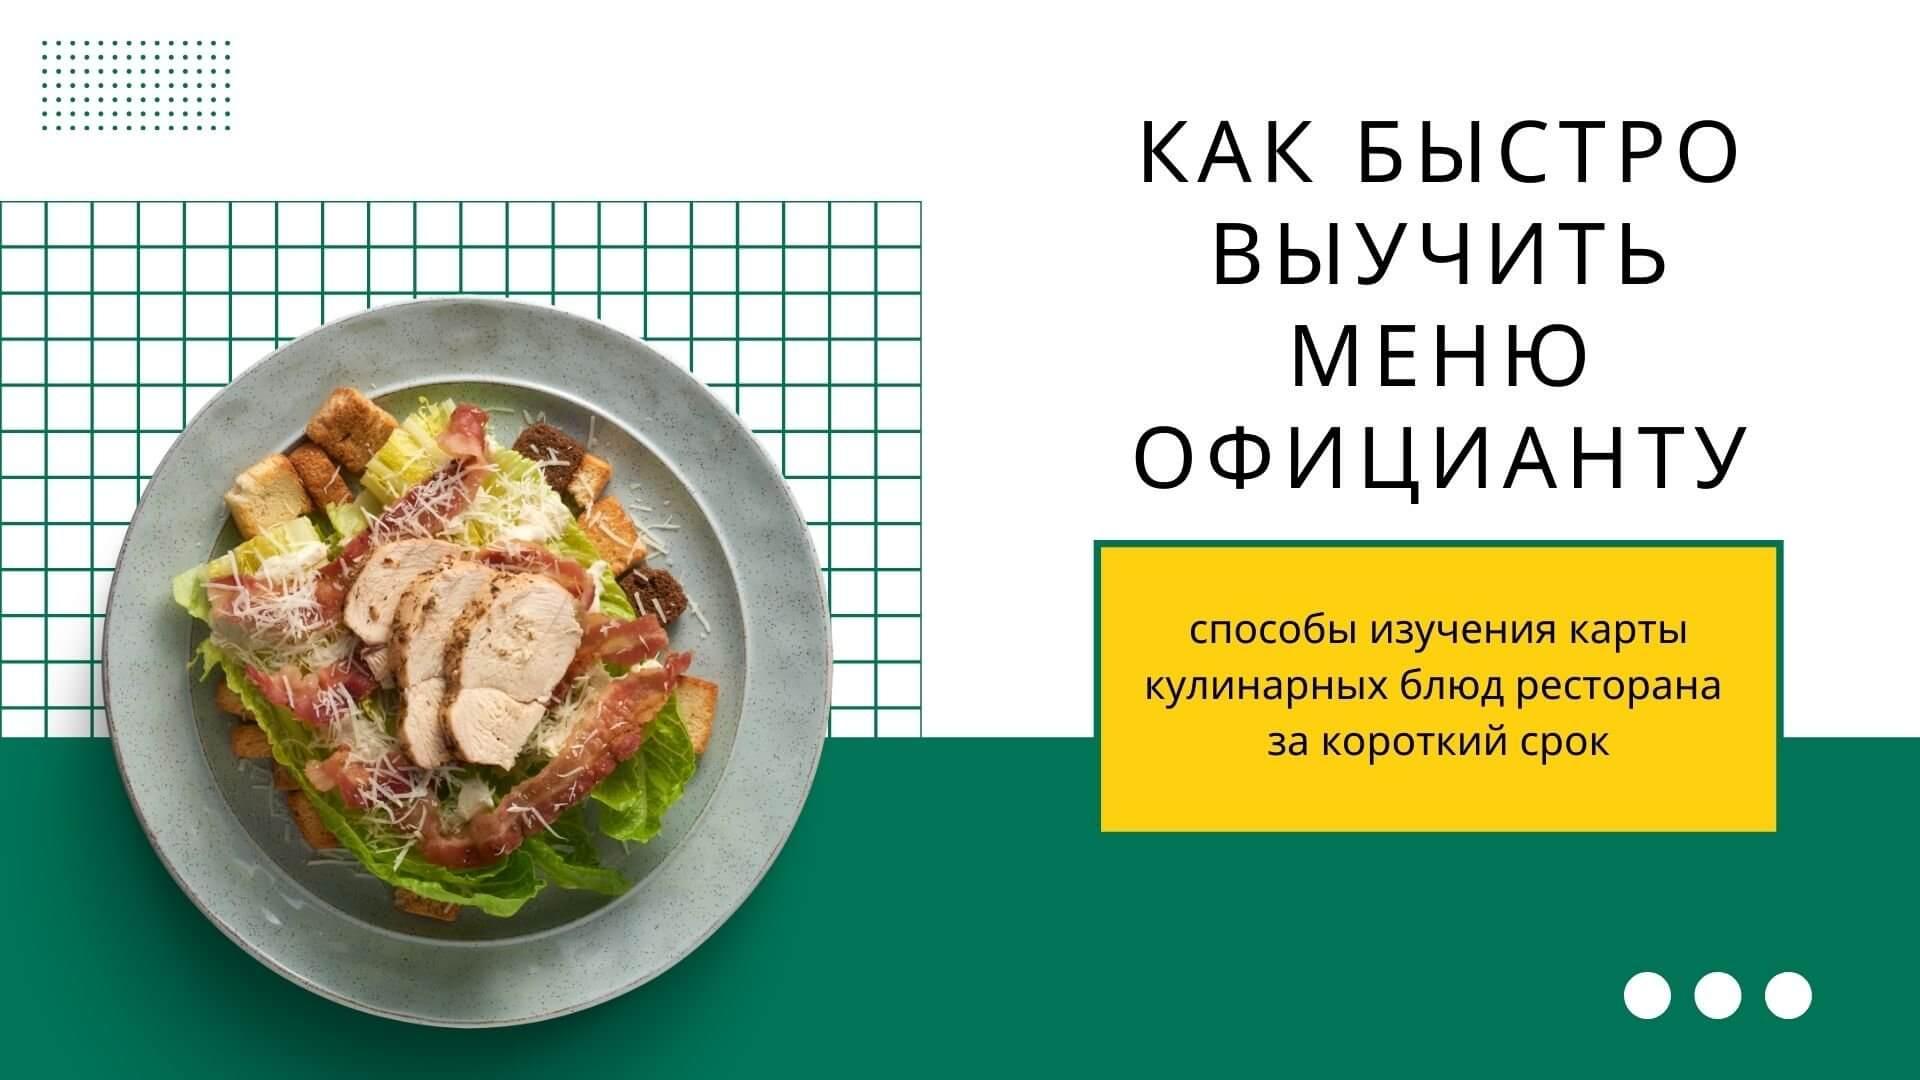 Как быстро выучить меню официанту: способы изучения карты кулинарных блюд ресторана за короткий срок